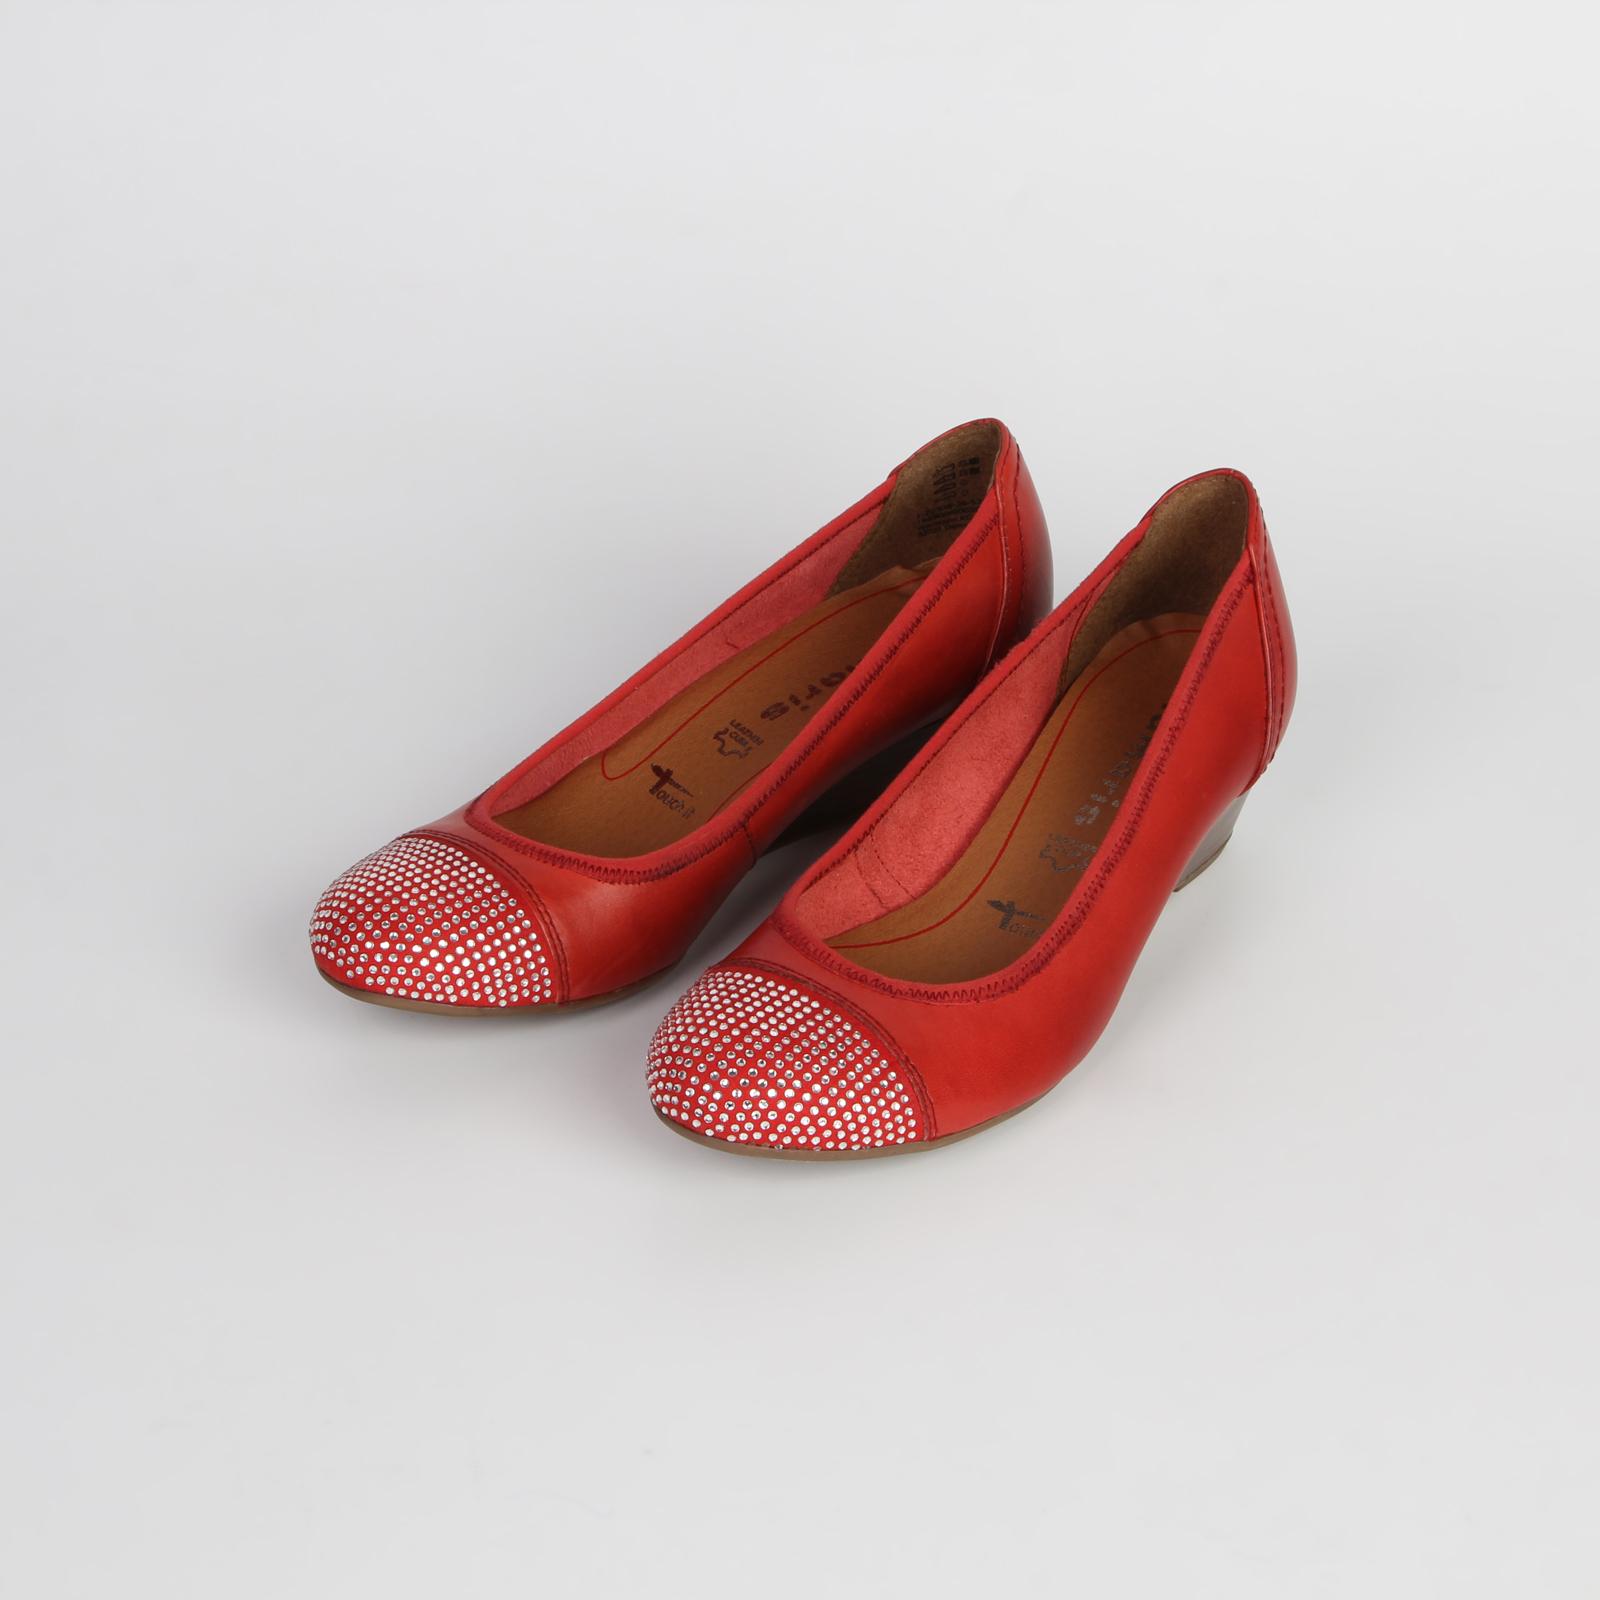 Туфли женские на танкетке из натуральной кожи